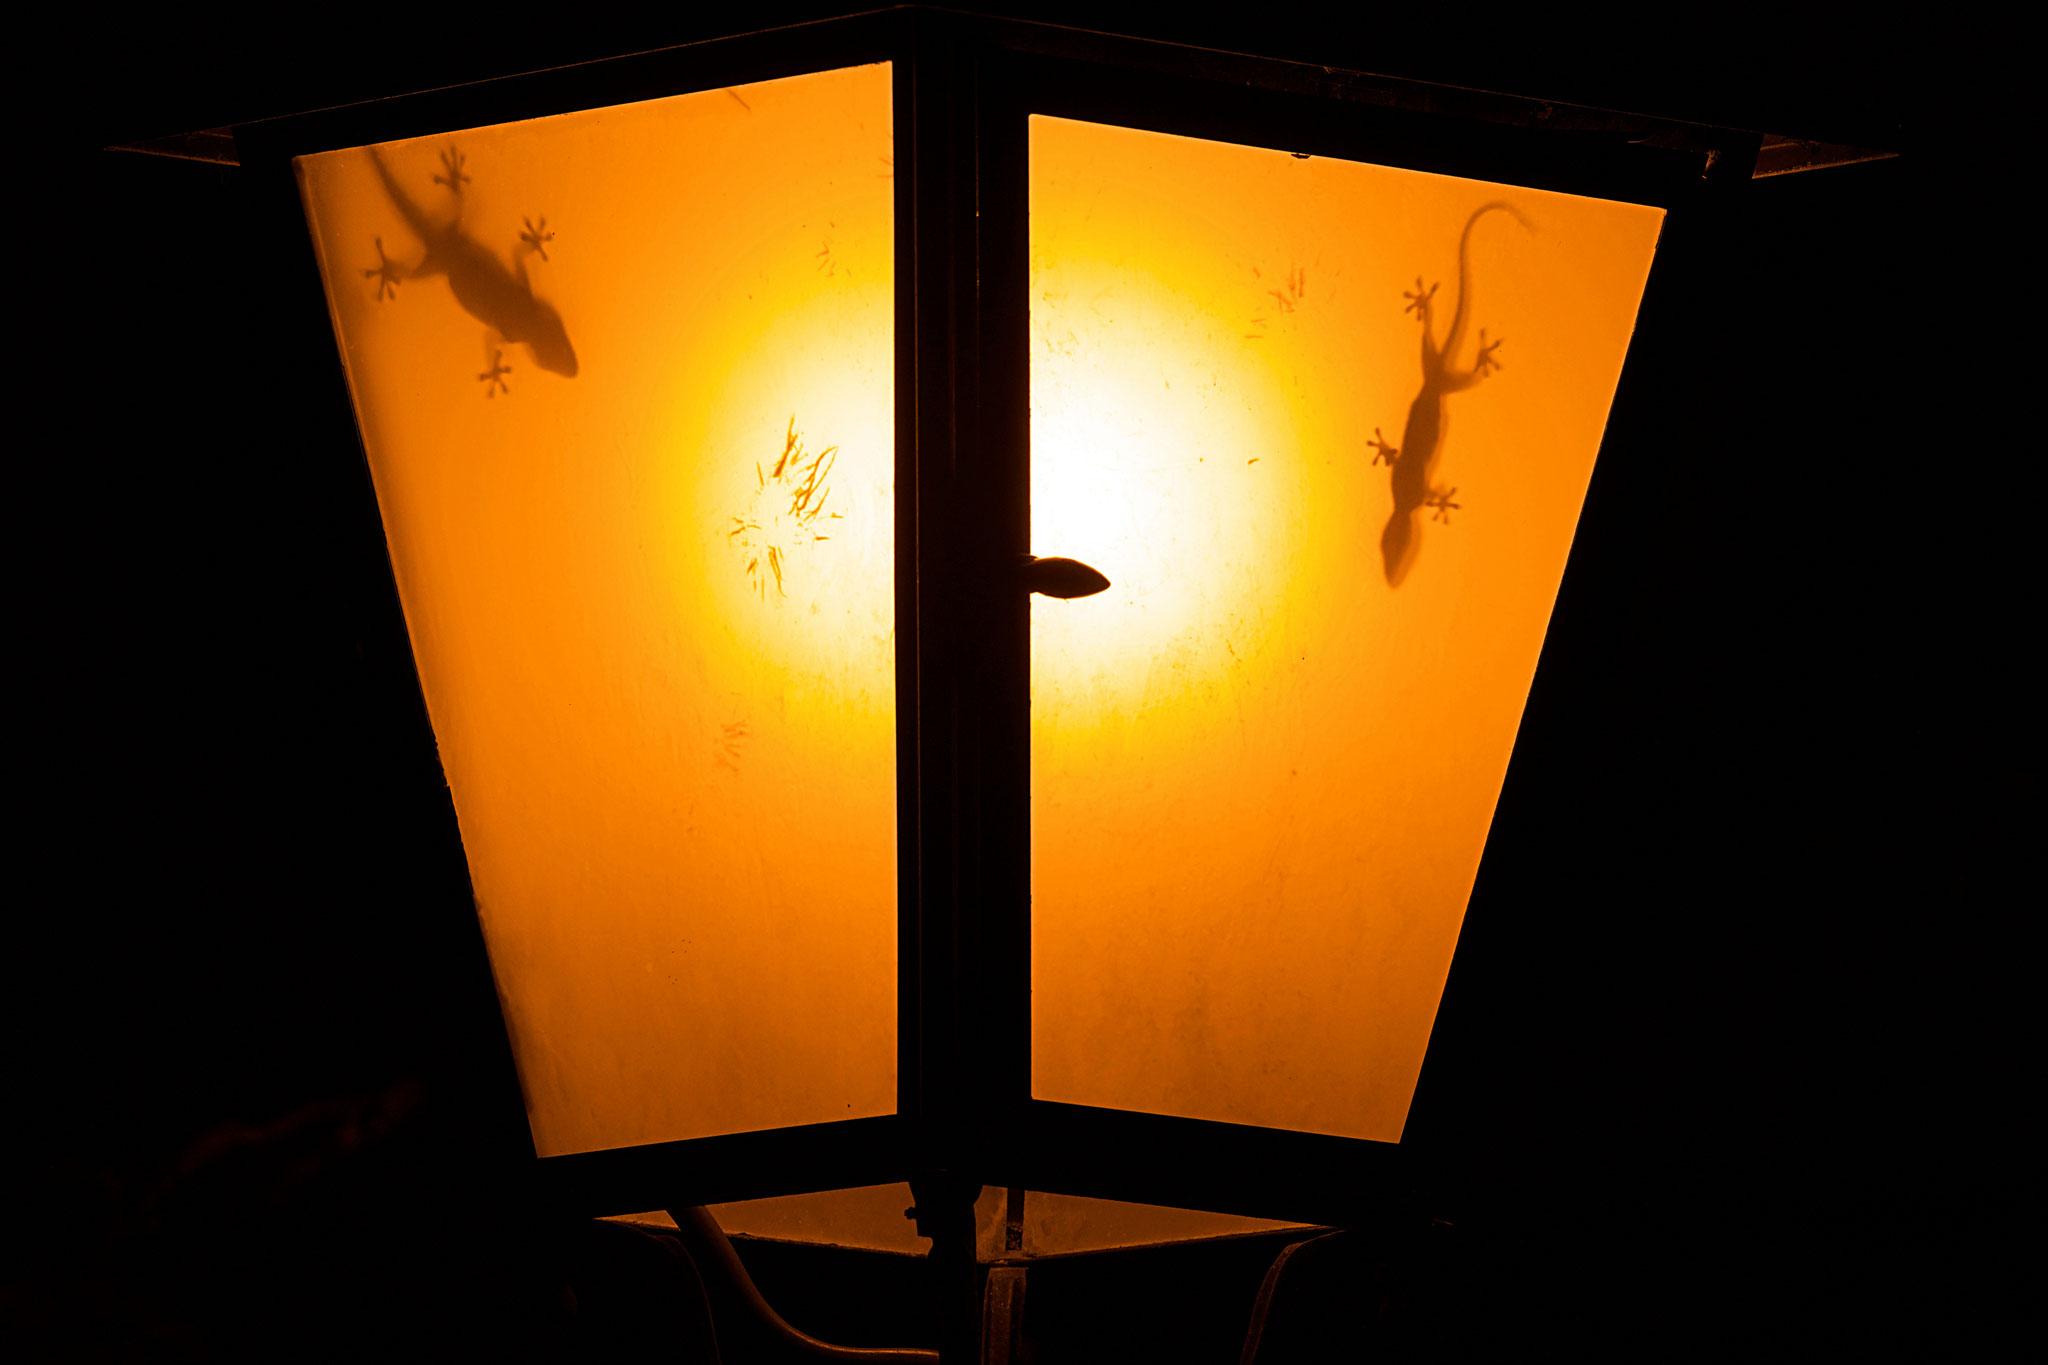 Septembre 2017 ~ Tarentes dans un lampadaire, à l'affût d'insectes attirés par la lumière.